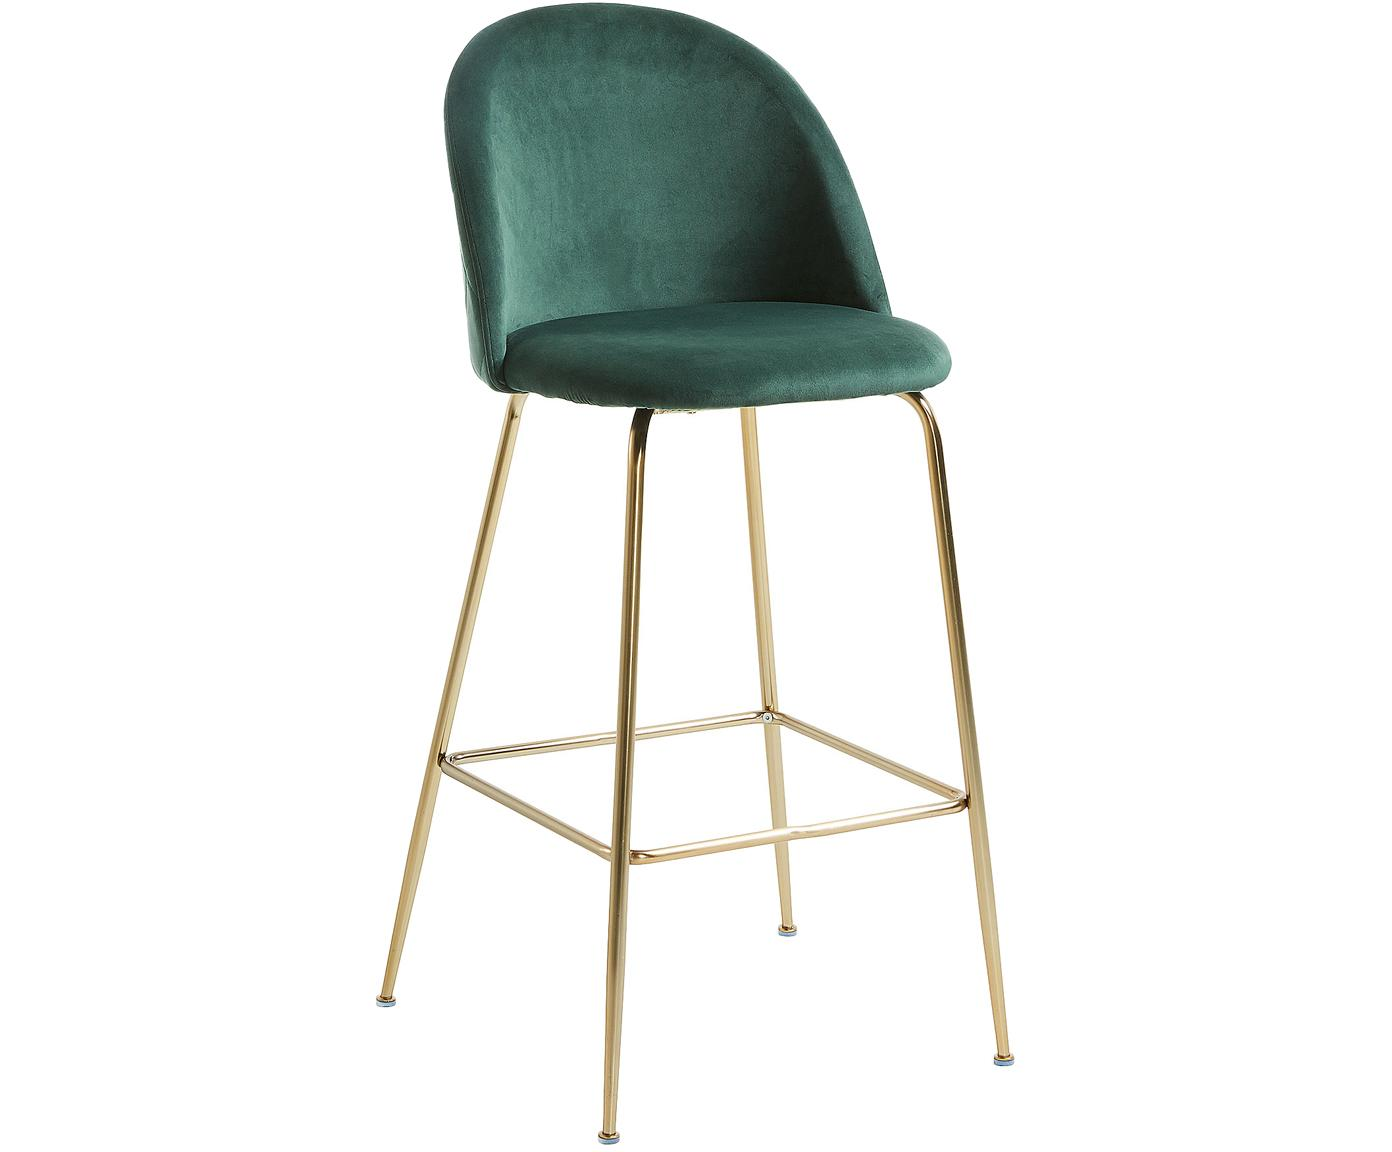 Fluwelen barkruk Ivonne, Bekleding: polyester fluweel, Frame: gelakt metaal, Donkergroen, goudkleurig, 53 x 108 cm